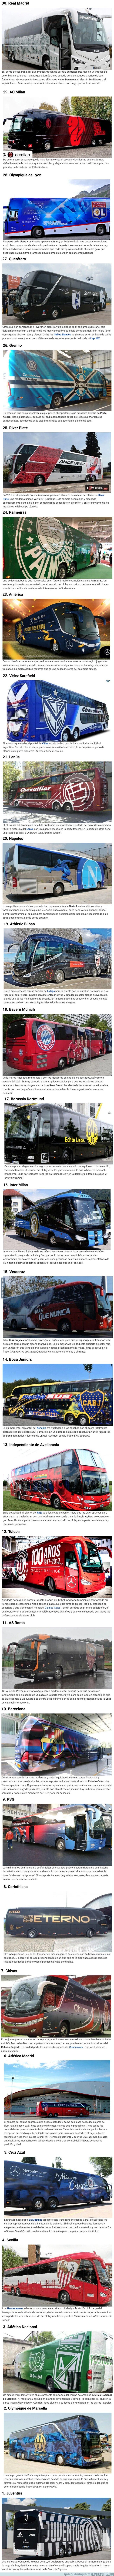 1086919 - Los mejores 30 autobuses de equipos de fútbol alrededor del mundo